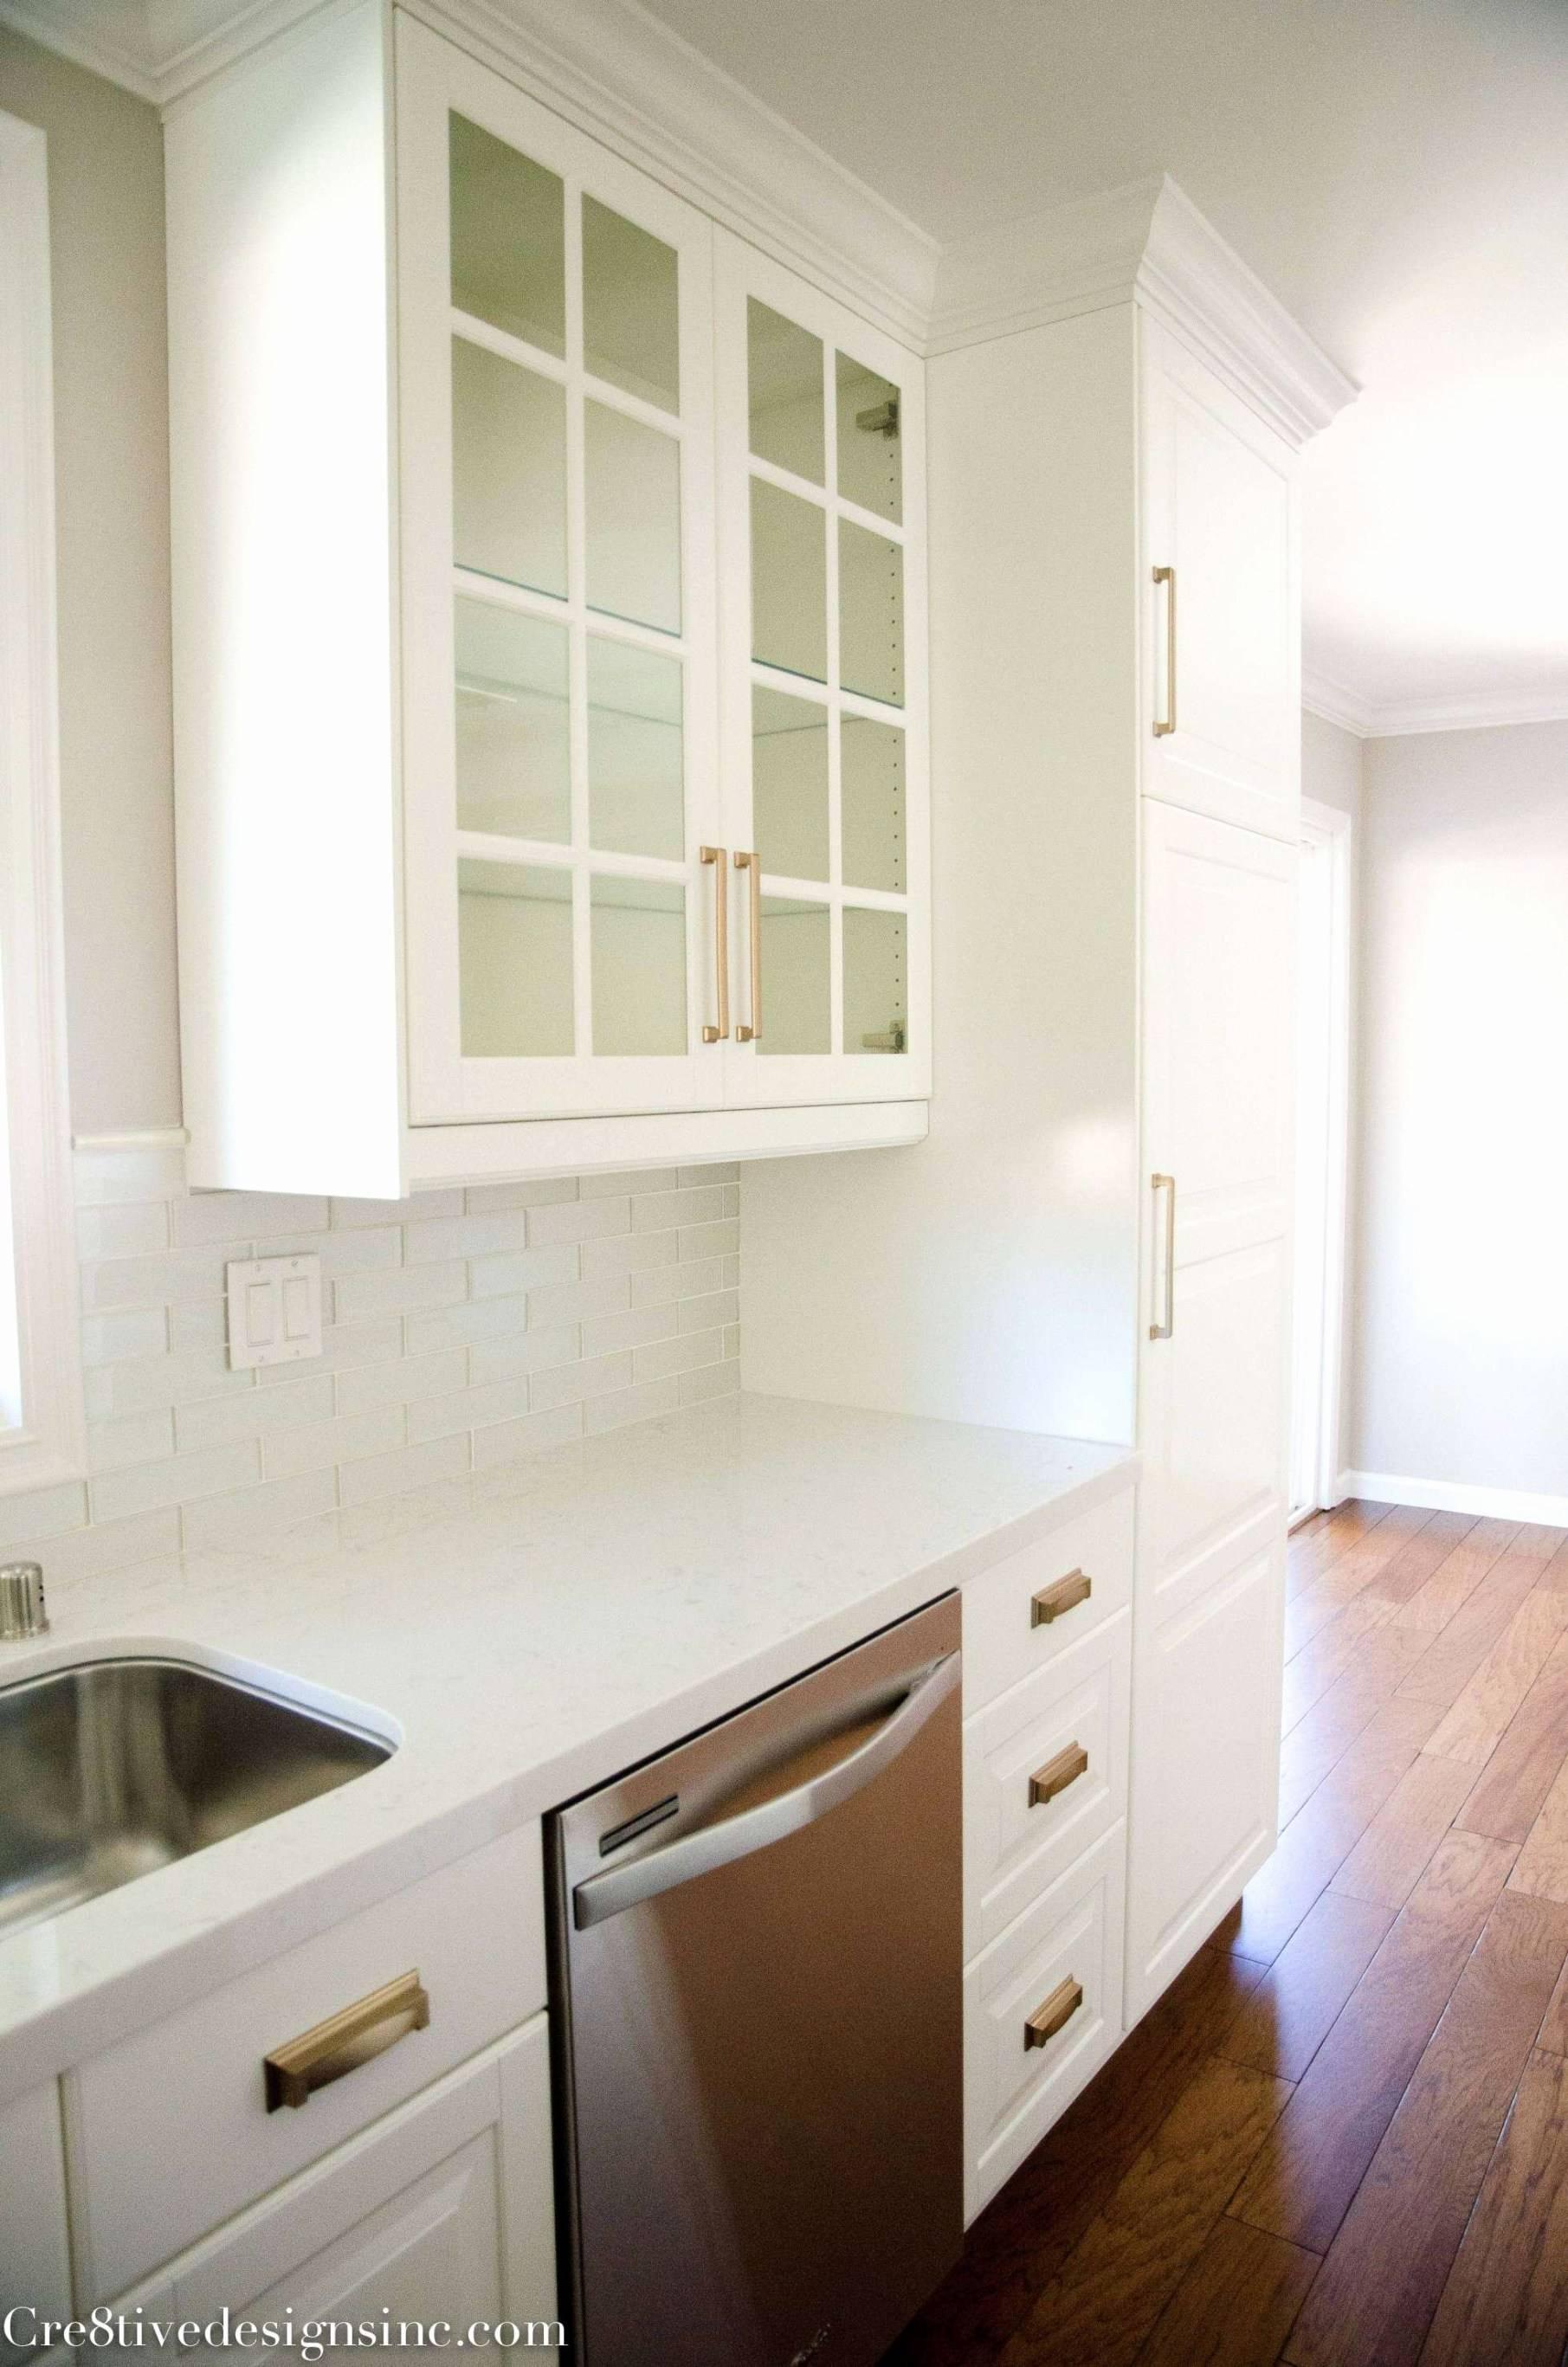 gally kitchen luxury galley kitchen cabinet design ideas of gally kitchen